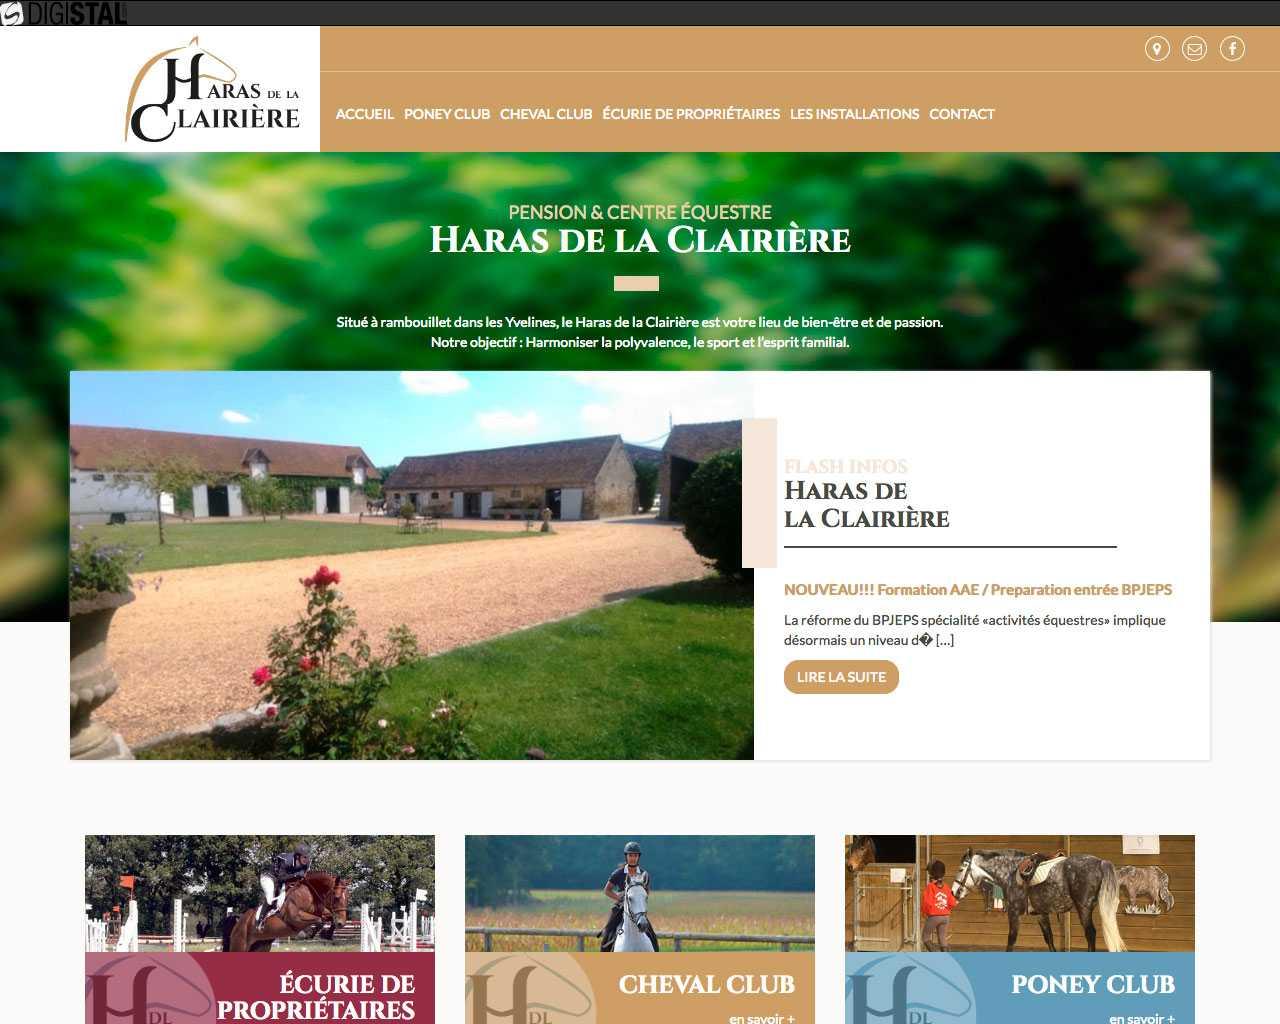 HDLC - Haras de la Clairière